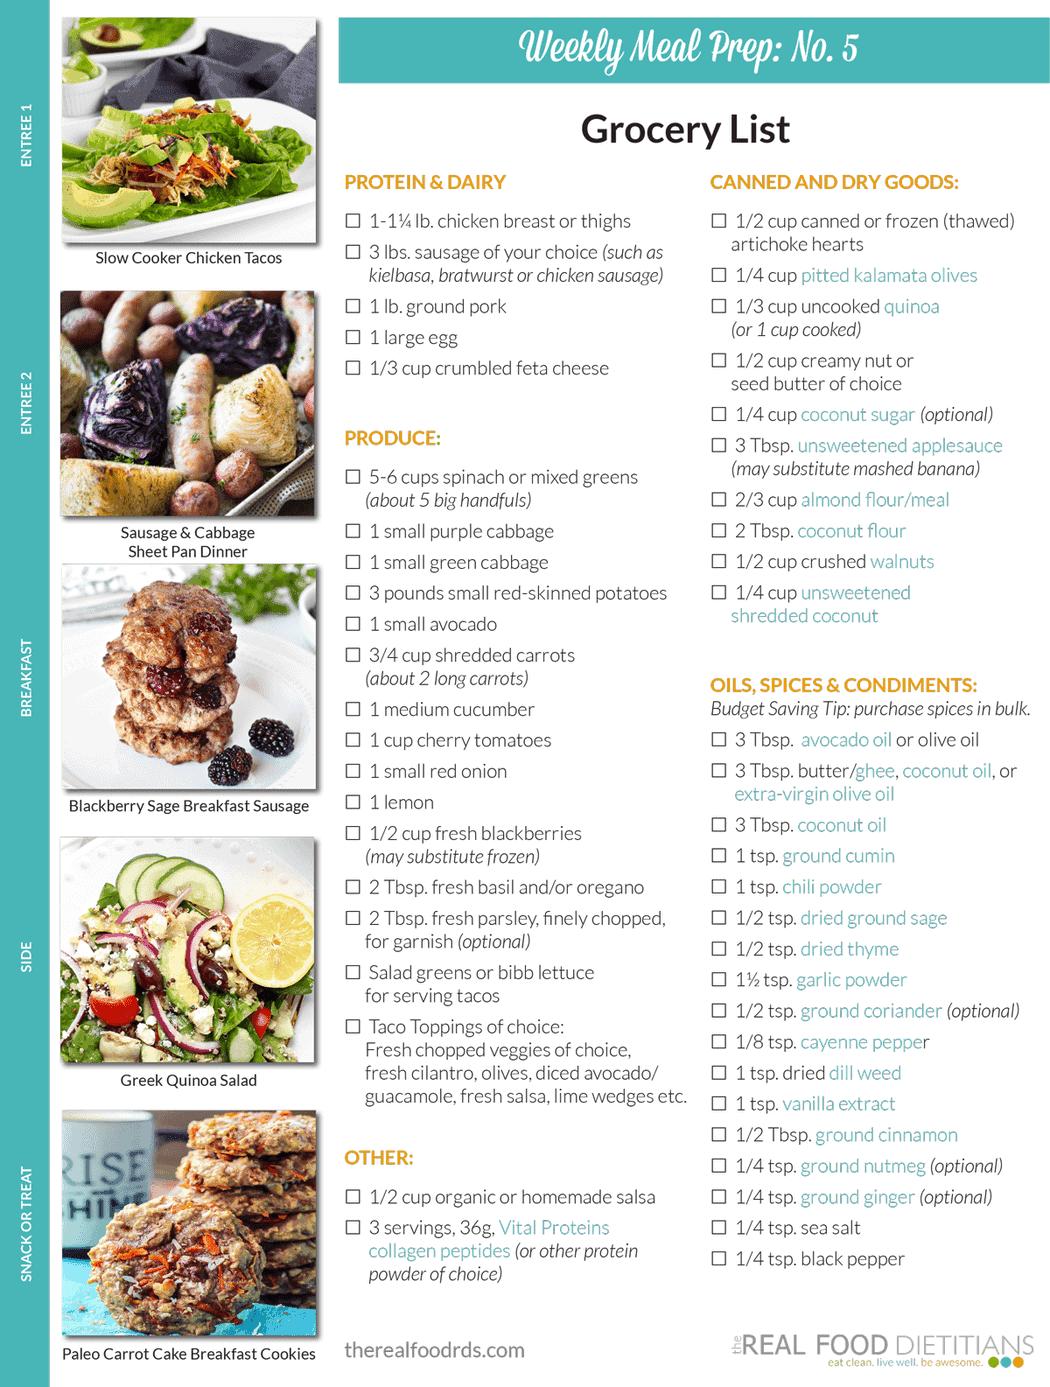 Weekly Meal Prep Menu: No. 5 - The Real Food Dietitians